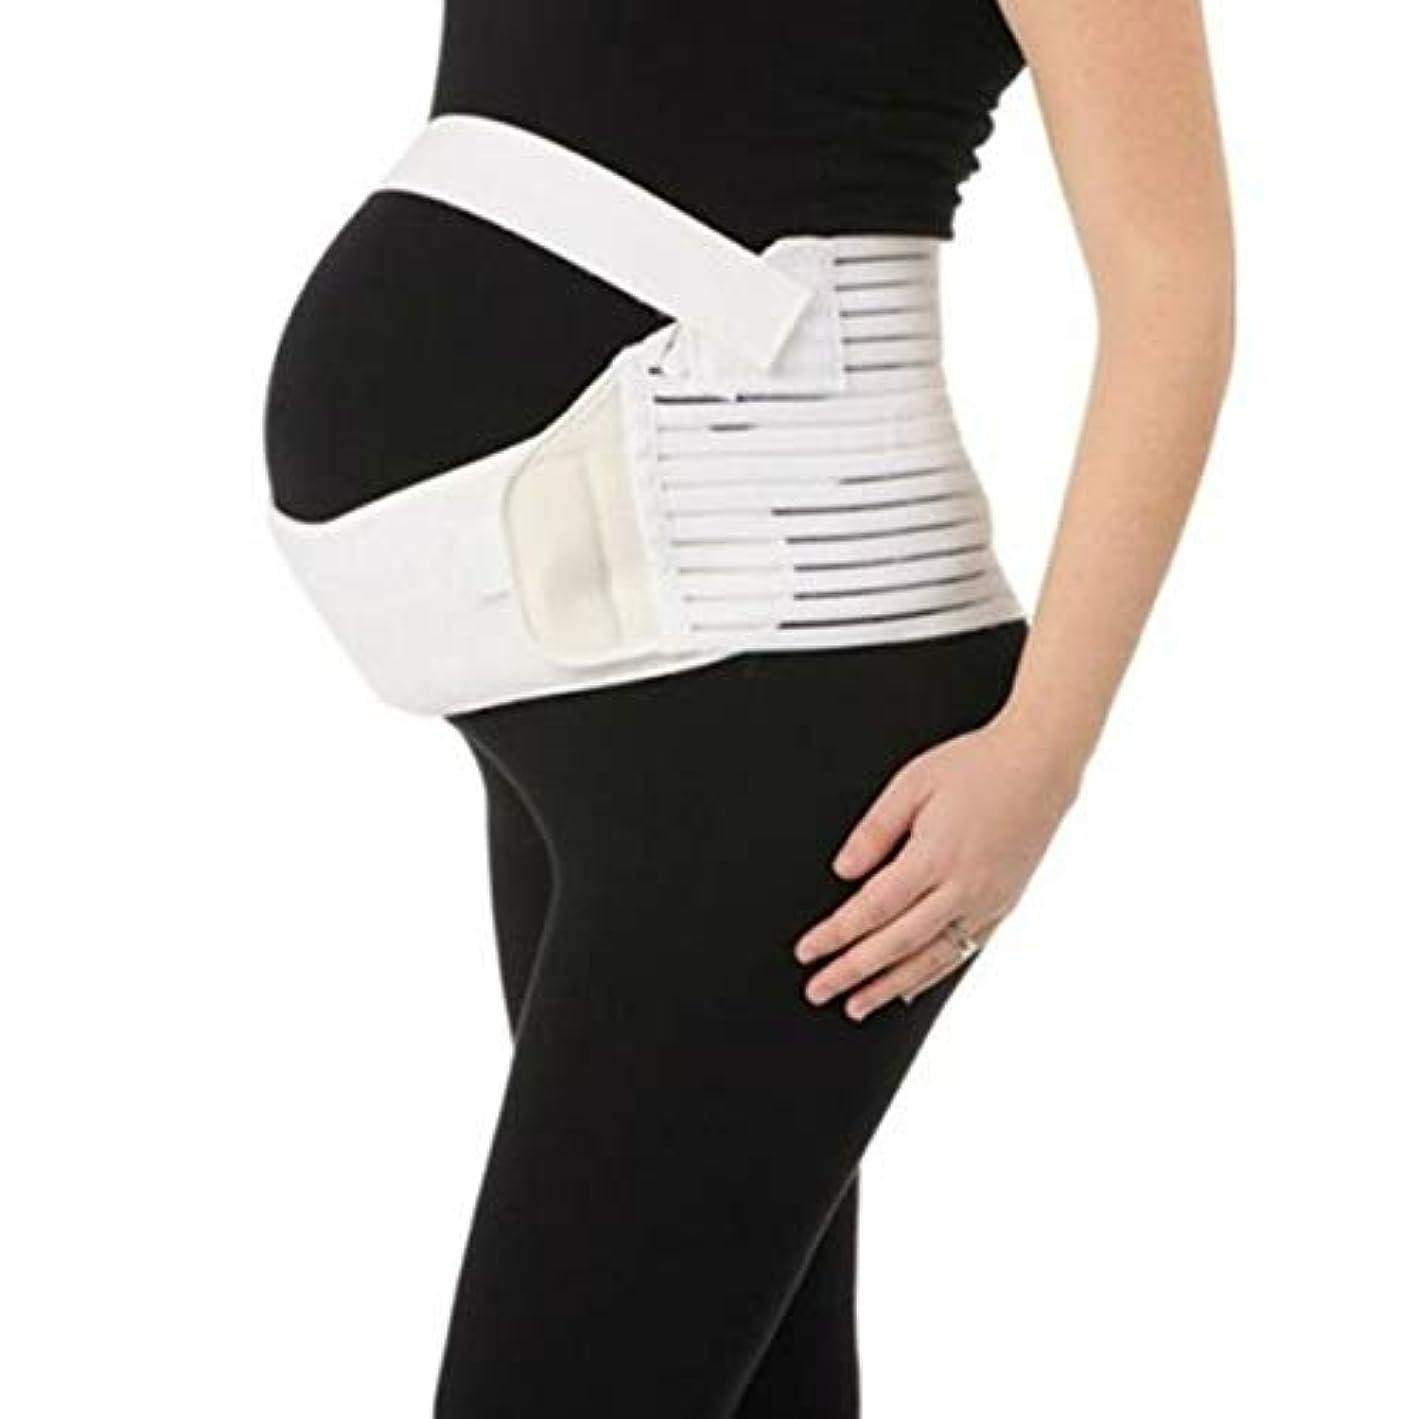 ラッチ才能ワイド通気性マタニティベルト妊娠腹部サポート腹部バインダーガードル運動包帯産後の回復shapewear - ホワイトL